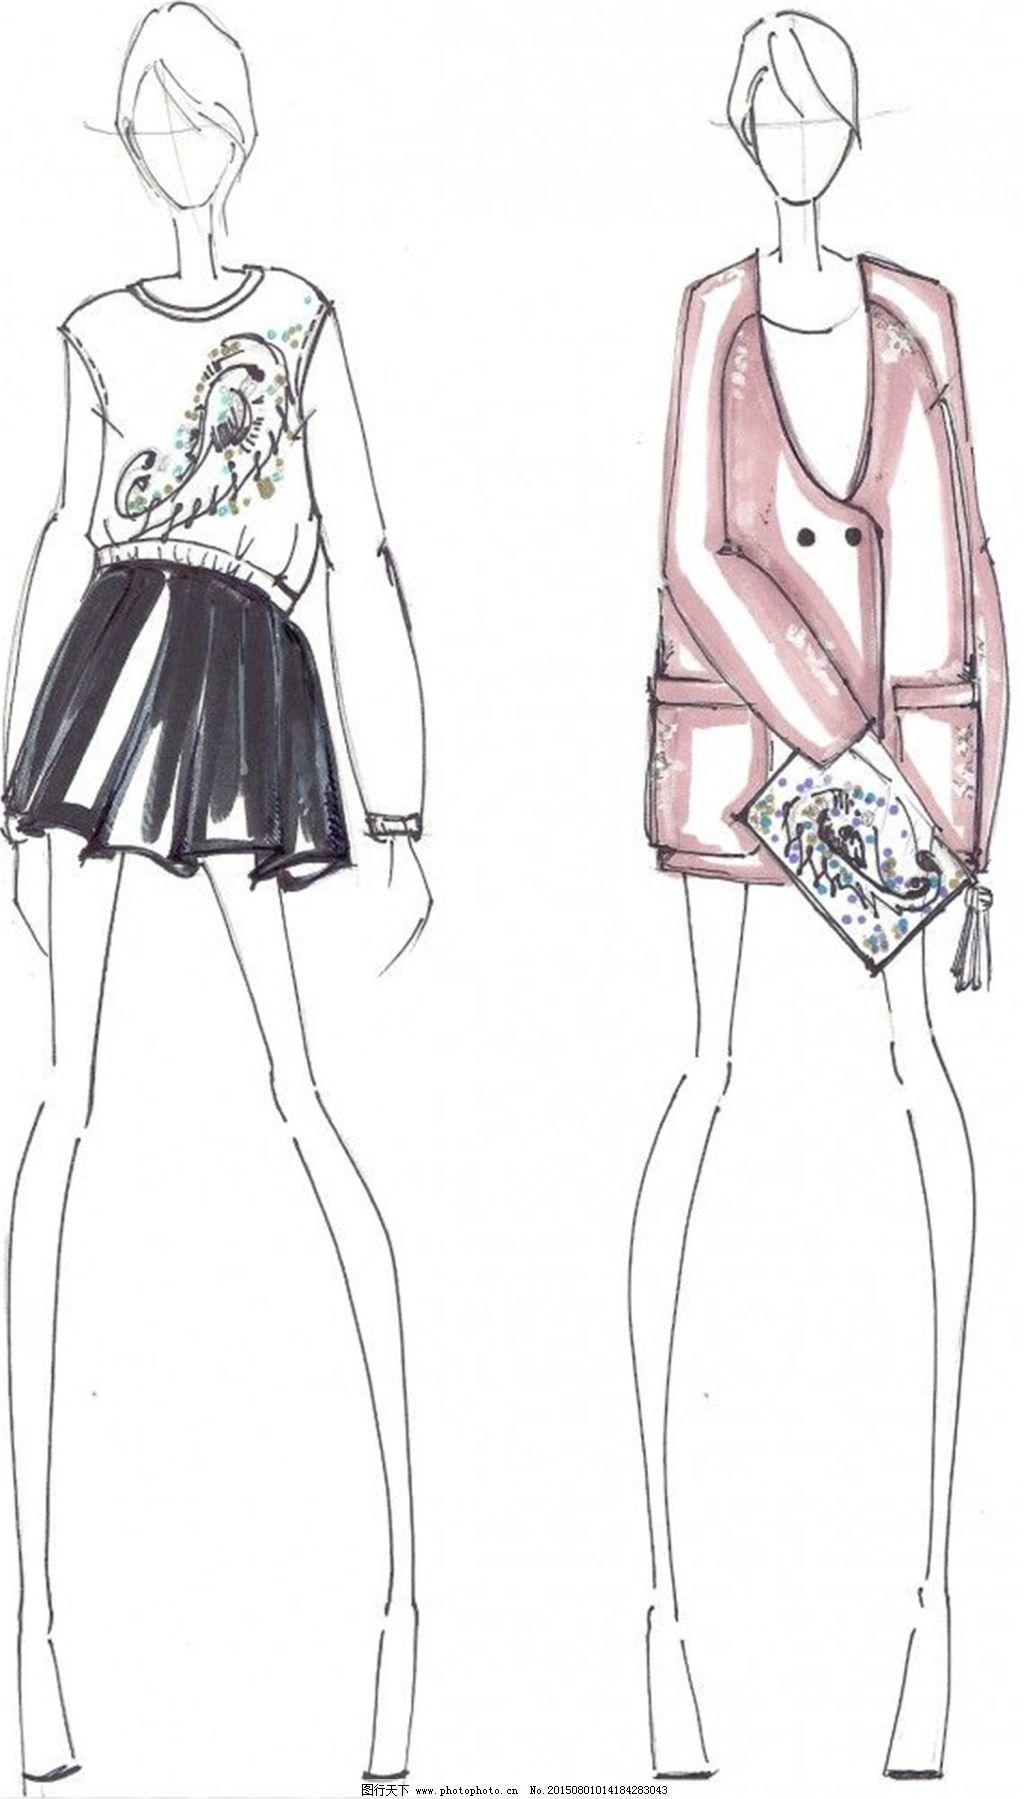 服装设计手绘效果图_手绘服装设计